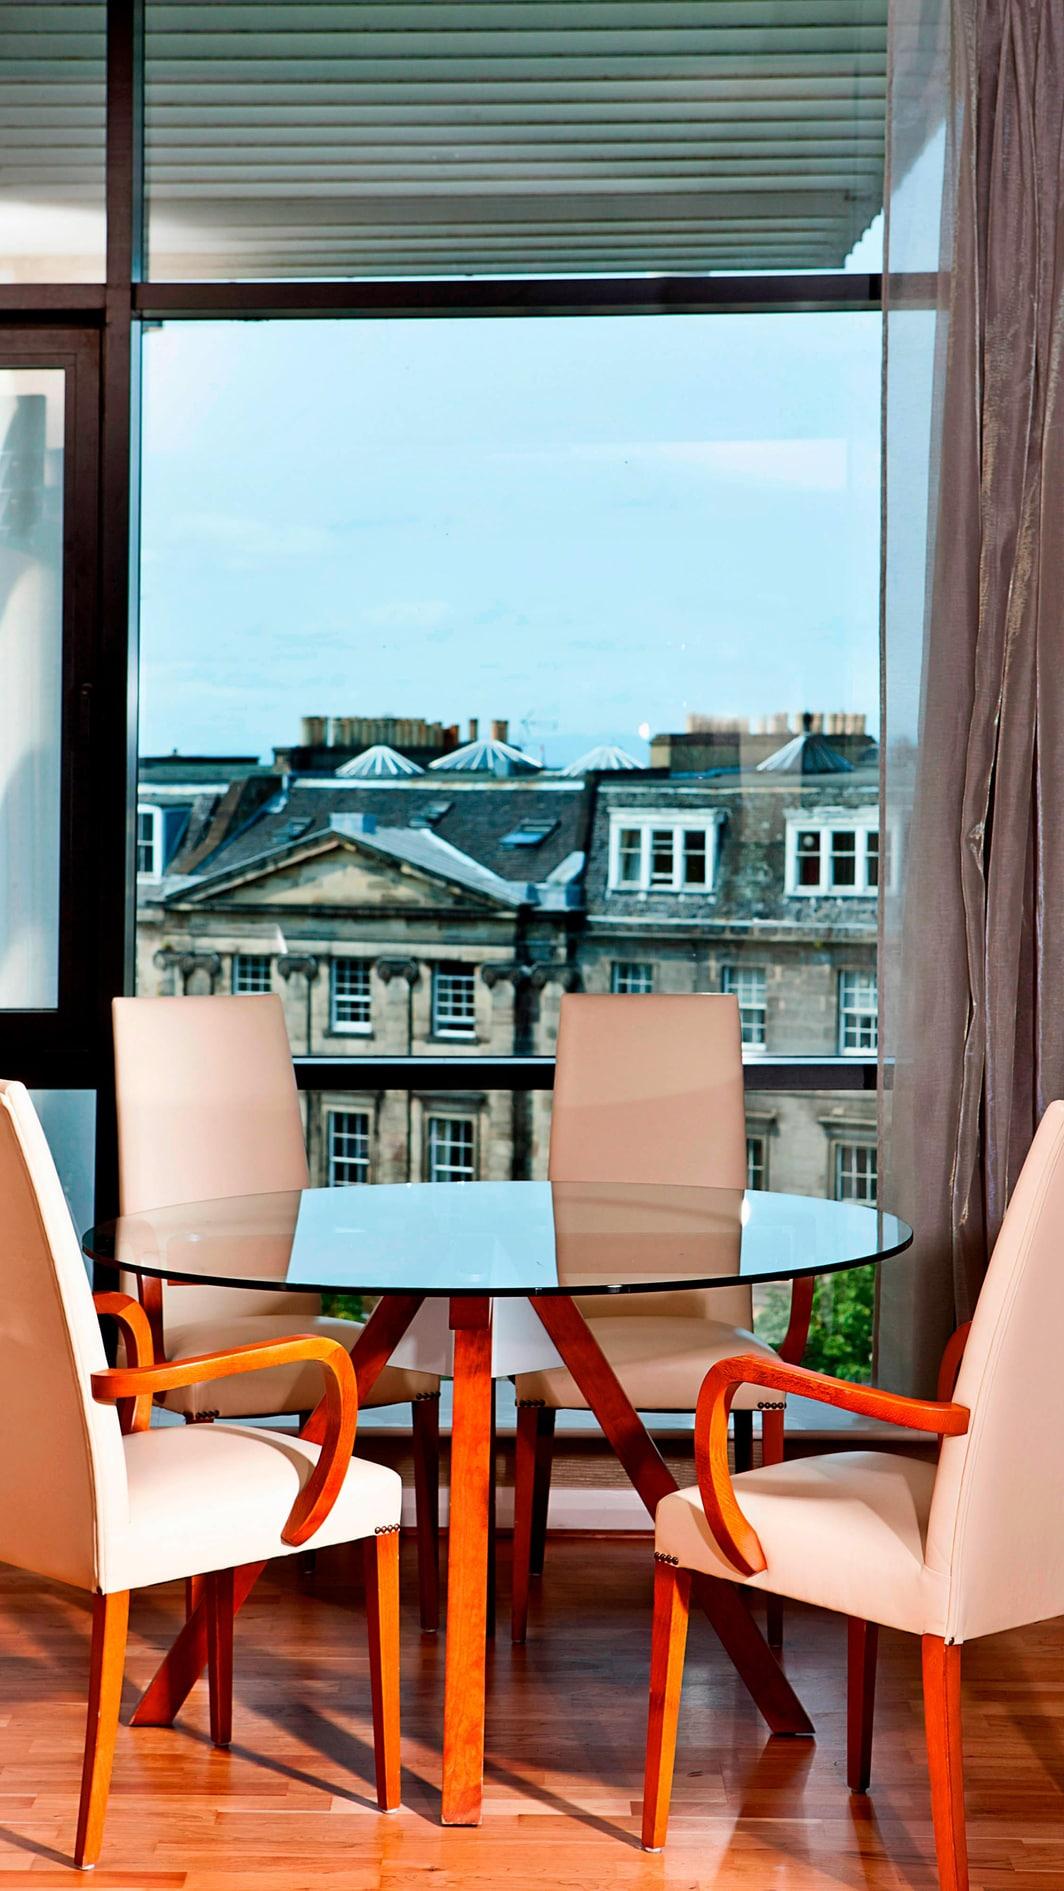 Suite de hotel Edimburgo con comedor